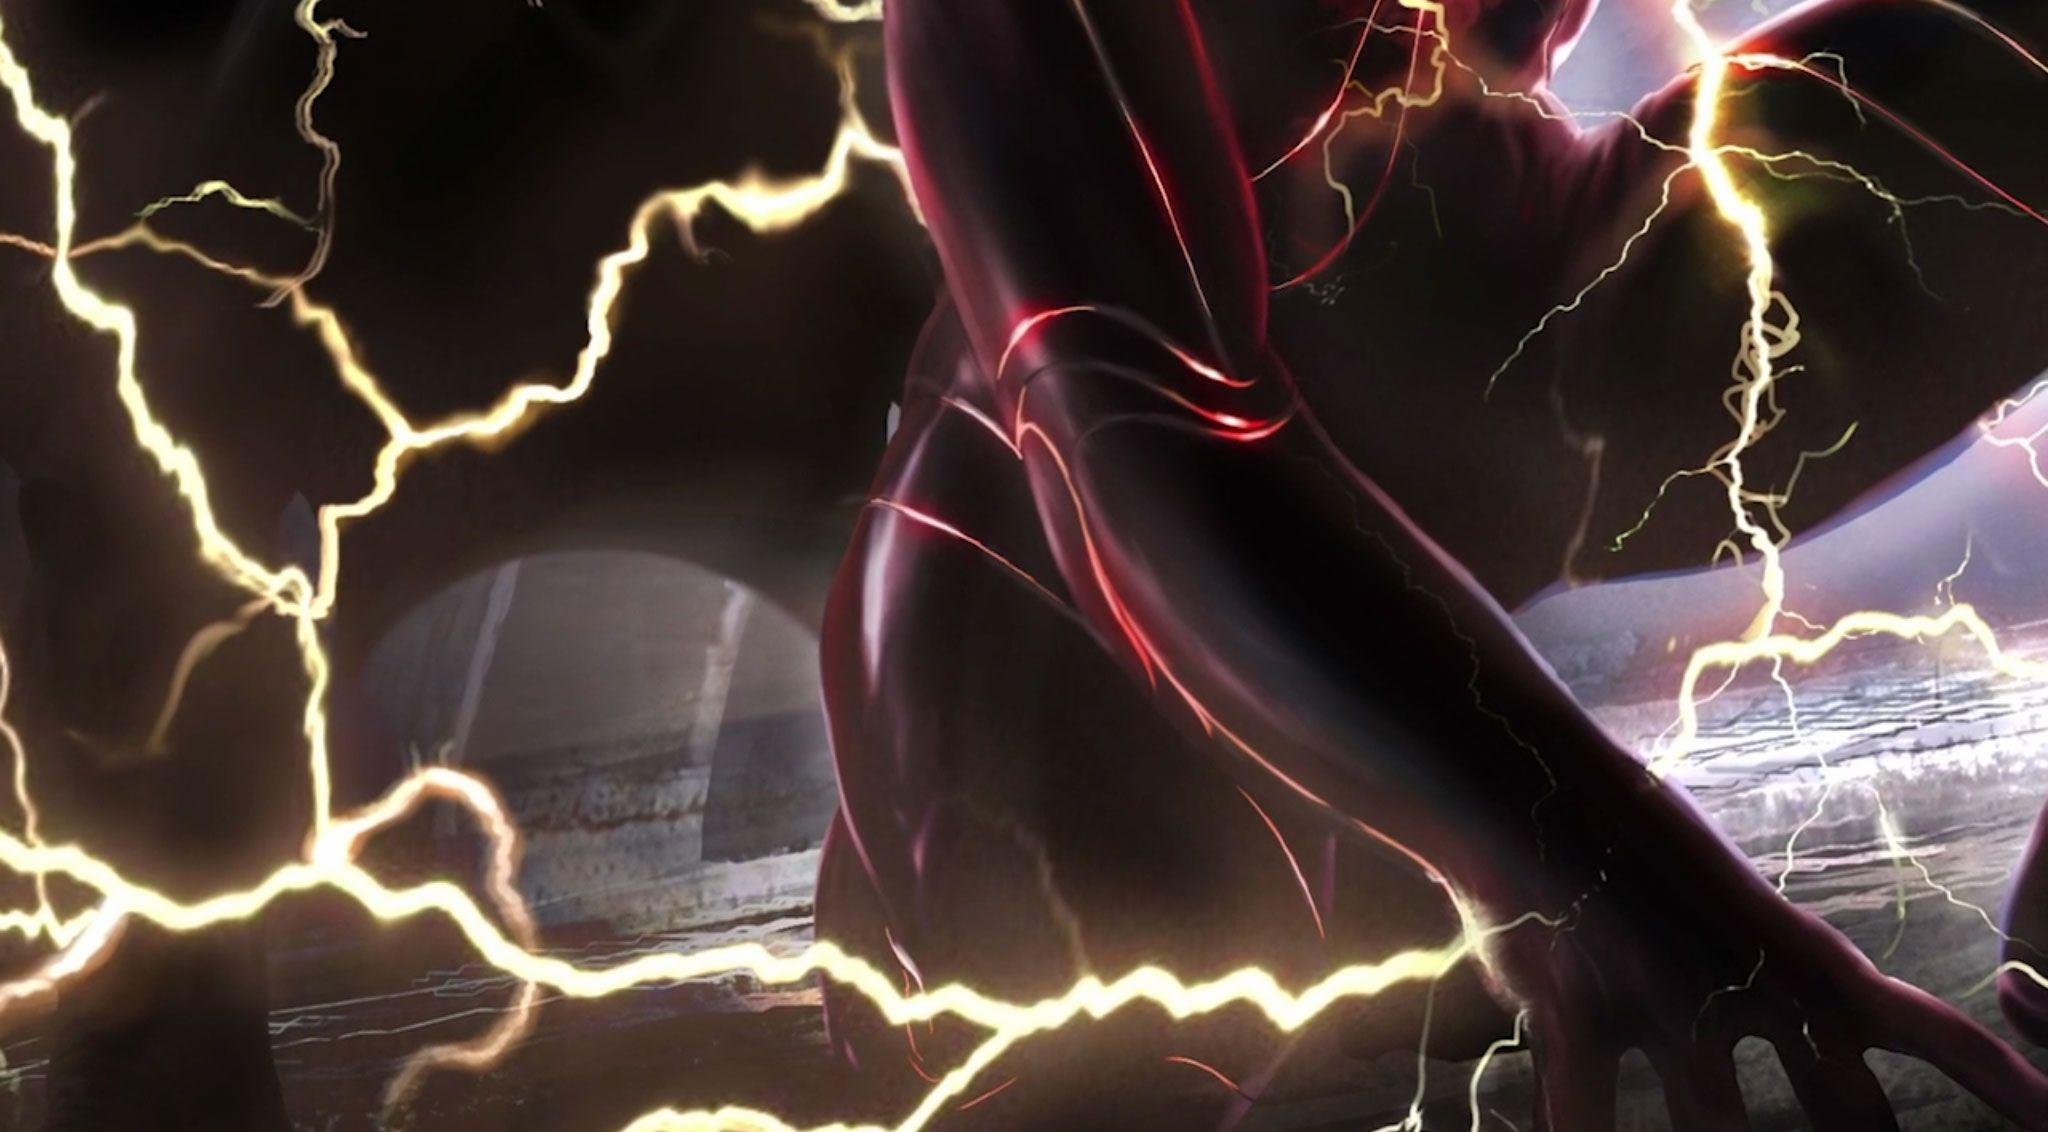 O Flash: o novo traje de Ezra Miller feito pelo Batman revelado em uma impressionante arte conceitual 3